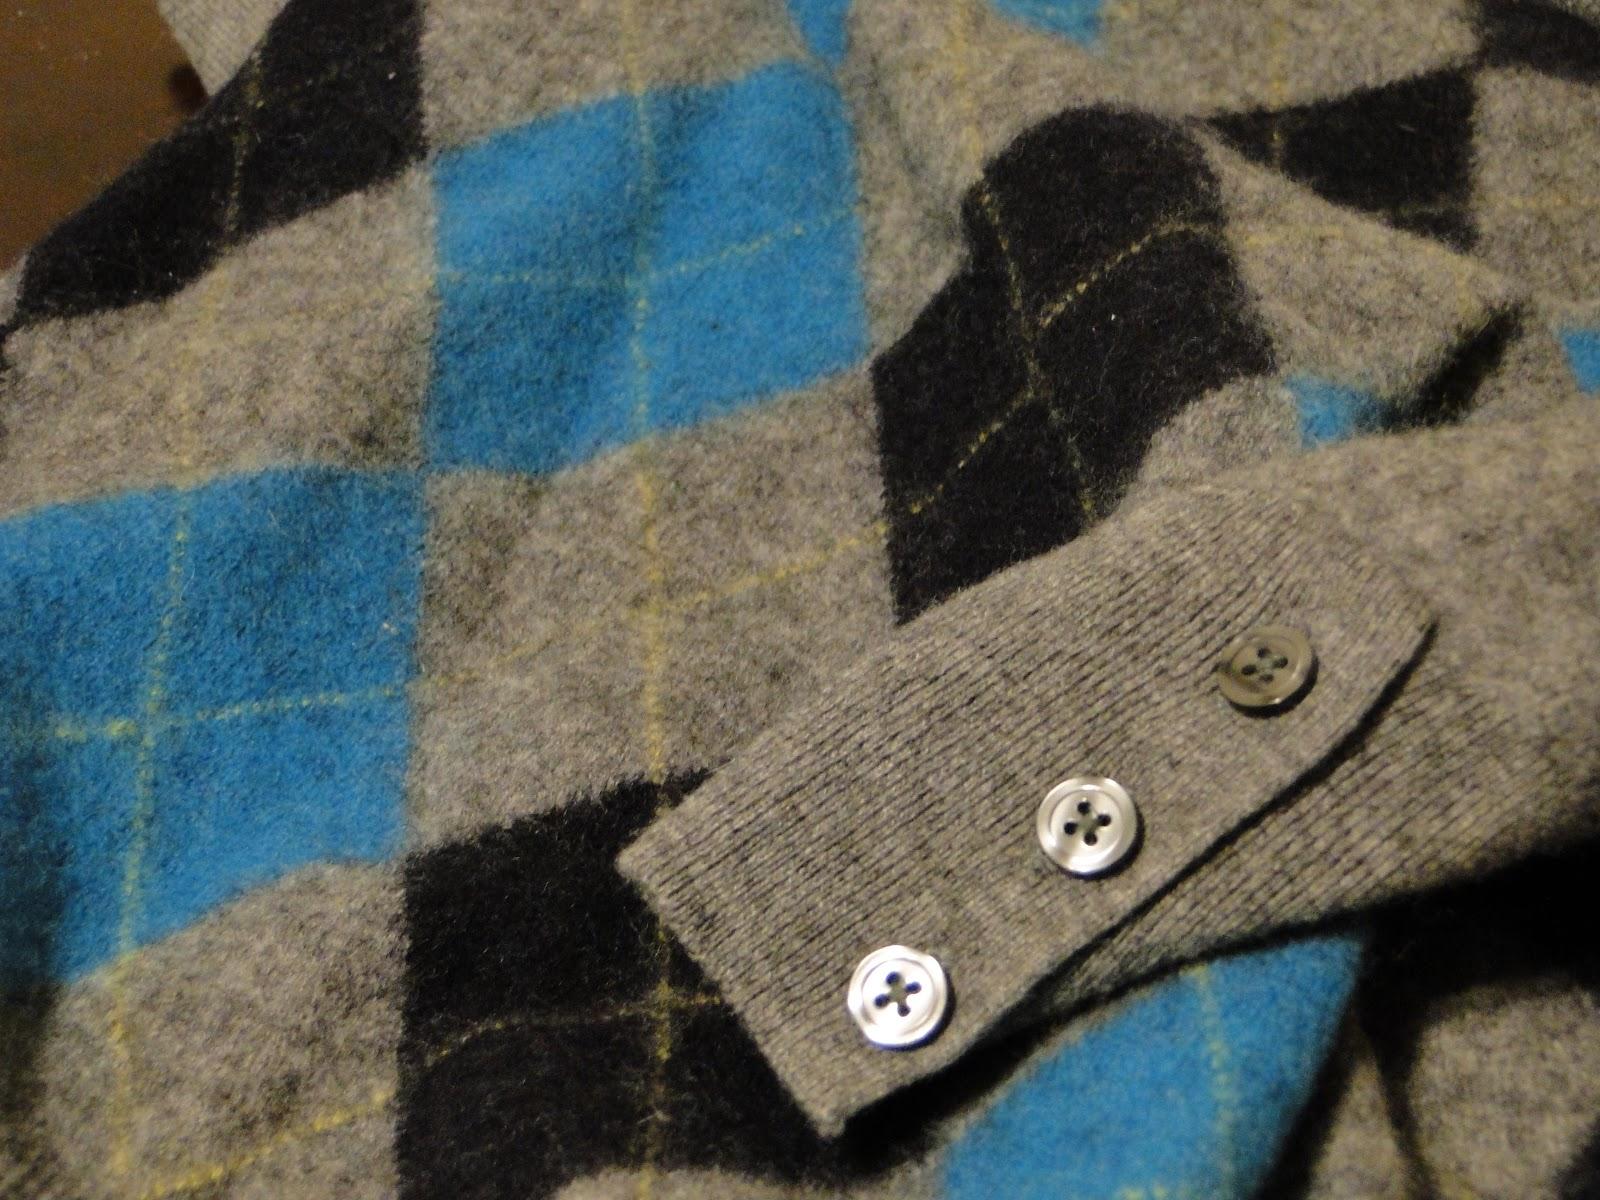 Fingerless gloves diy - Fingerless Gloves From Old Sweater